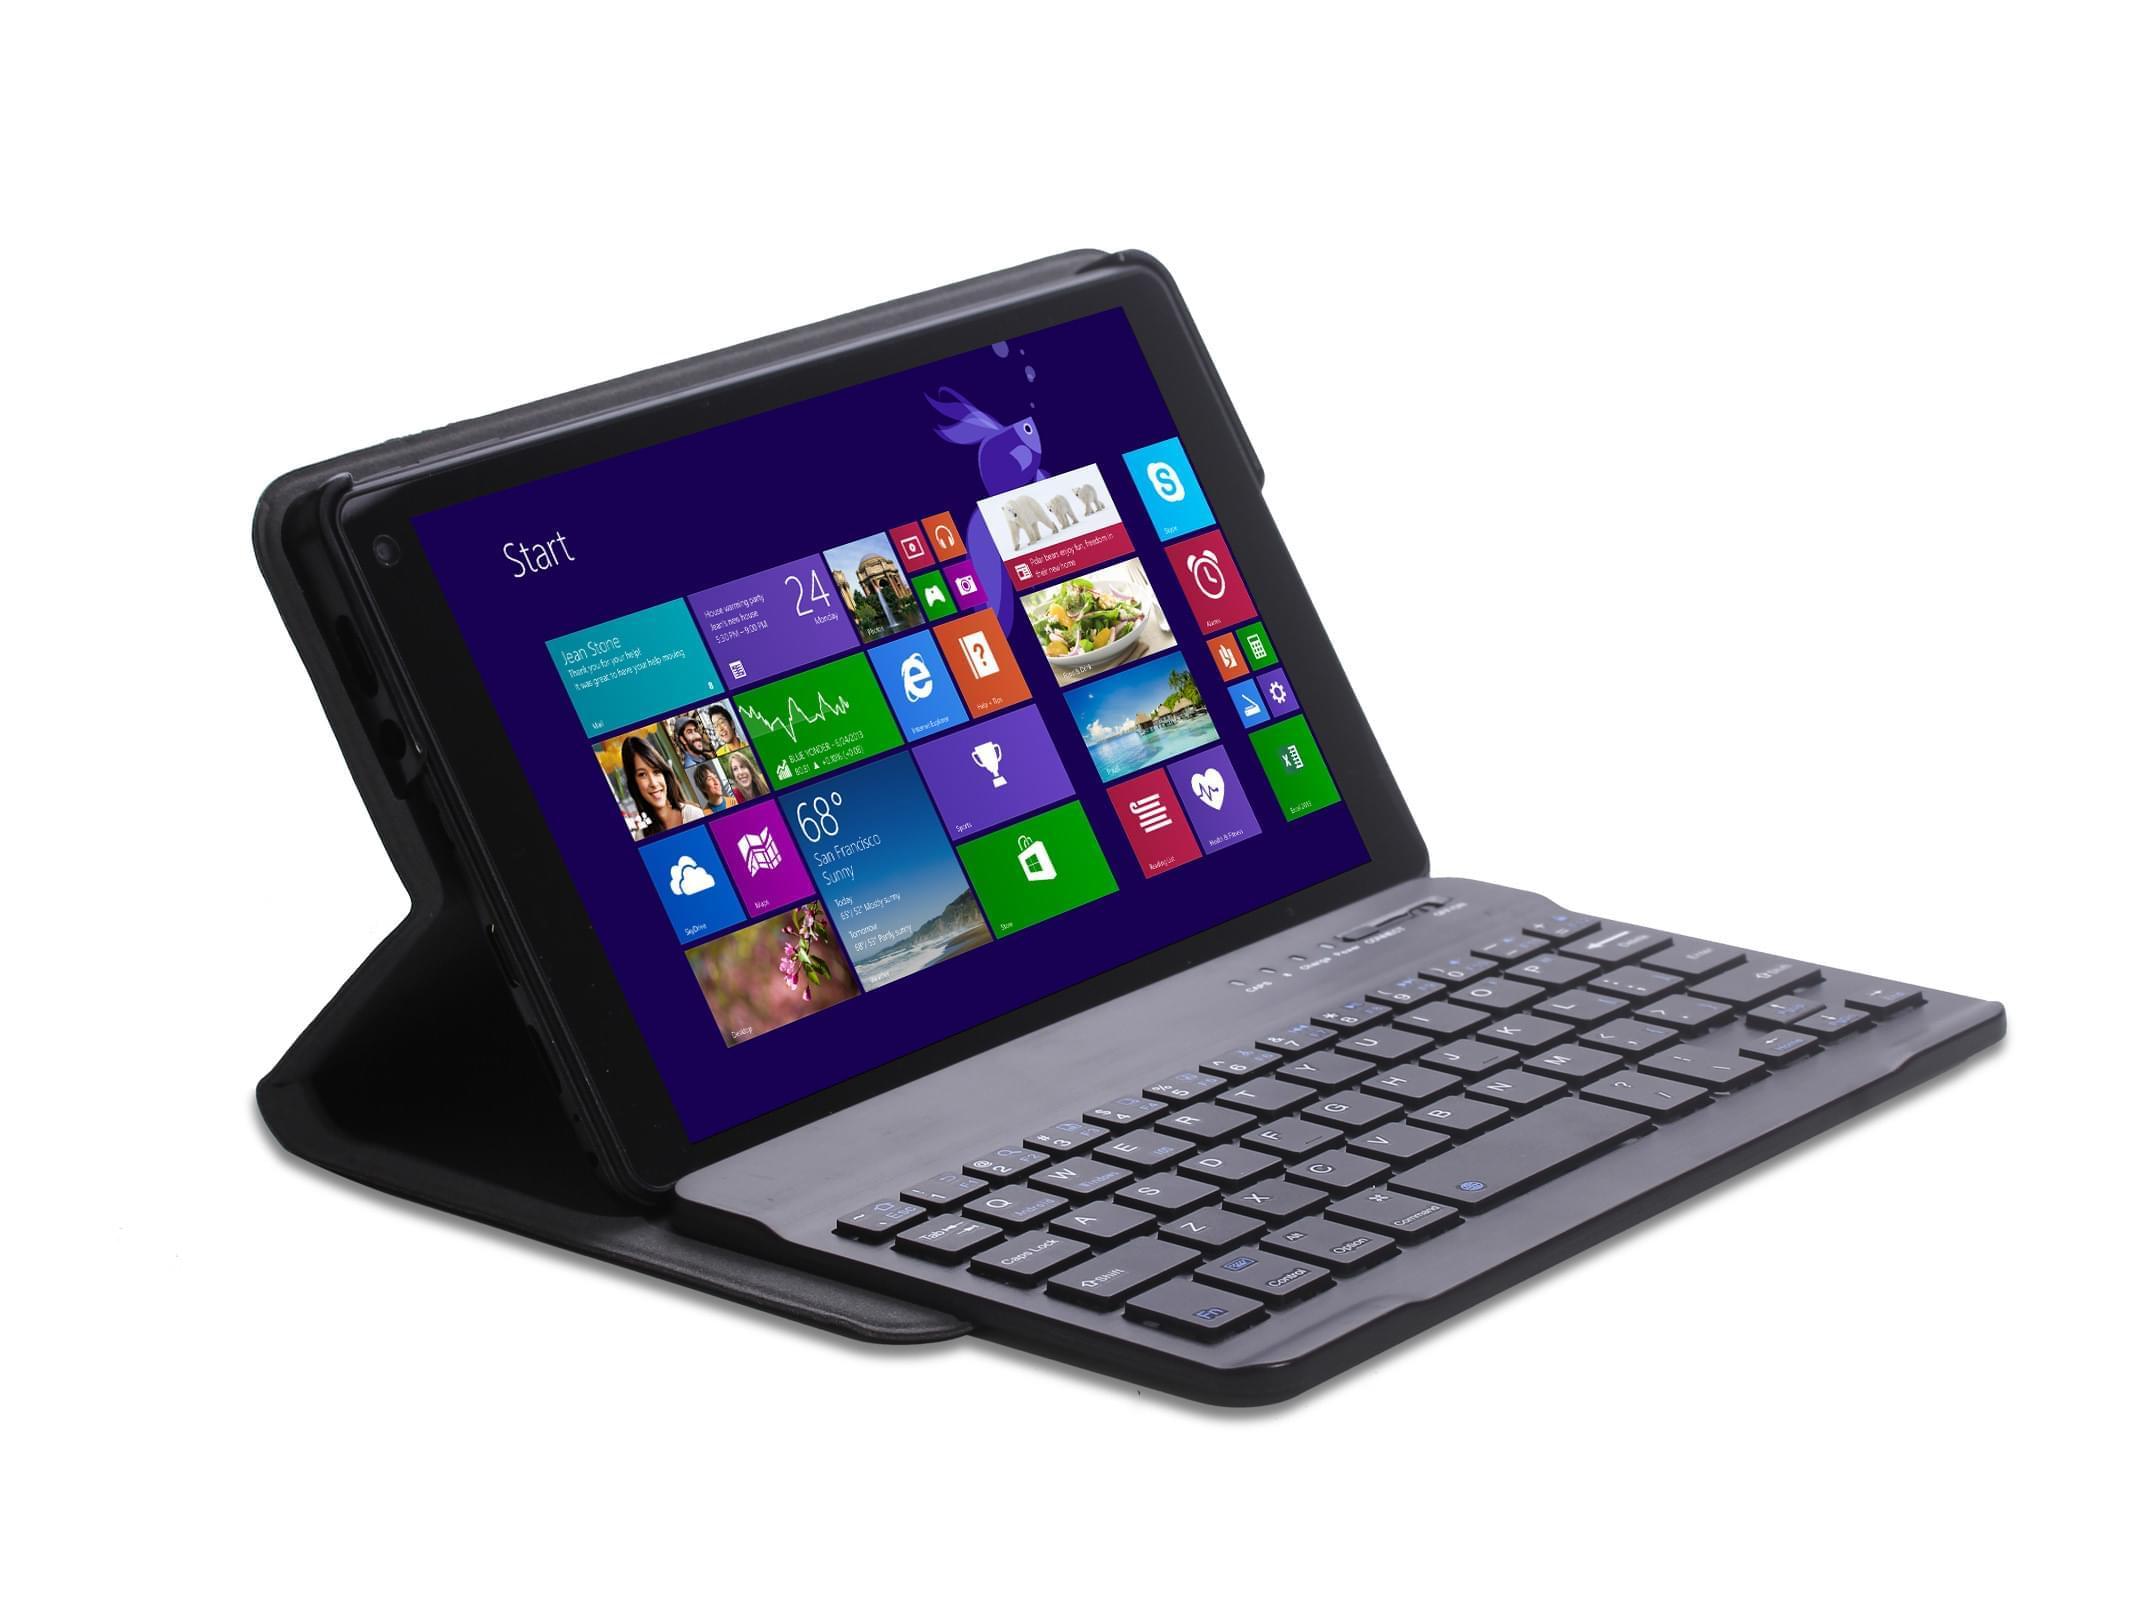 DUST DU-i8080BK Dock clav. - Tablette tactile DUST - Cybertek.fr - 0